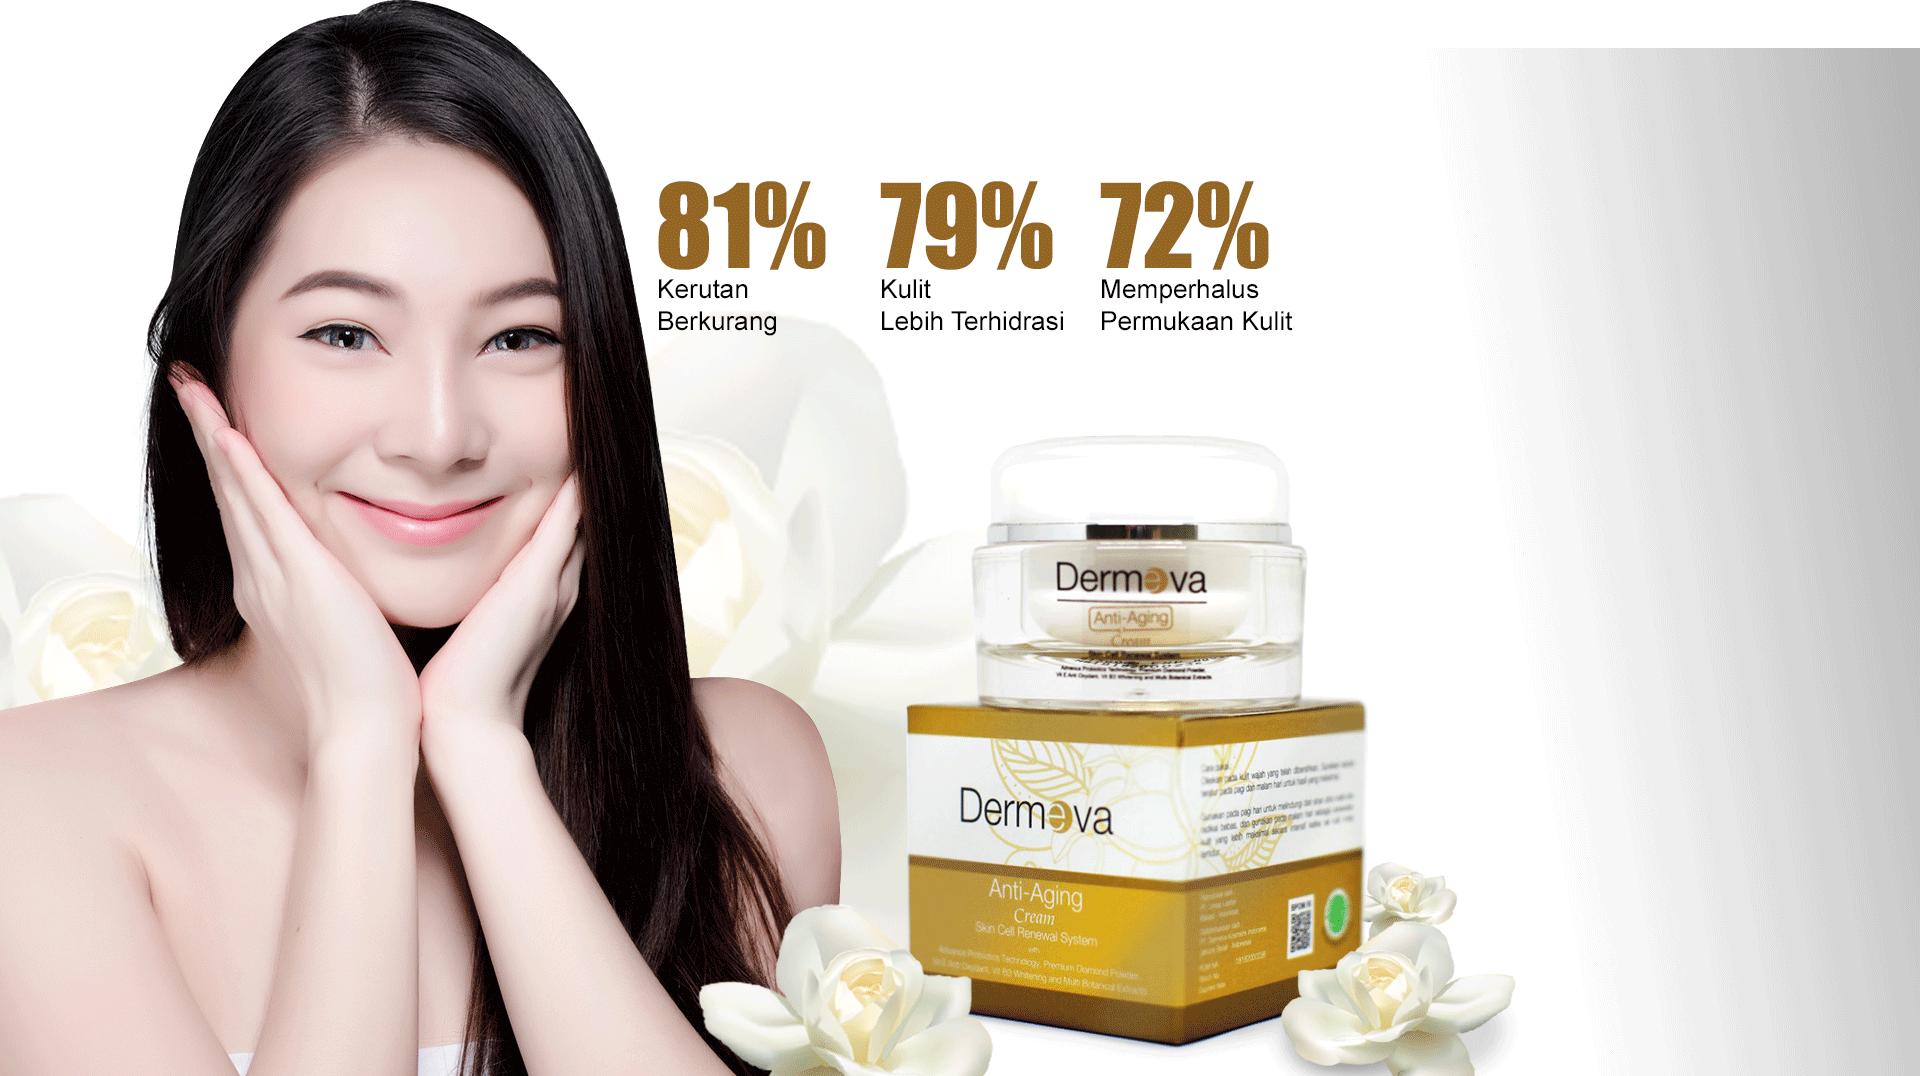 Dermeva Anti Aging Cream banner